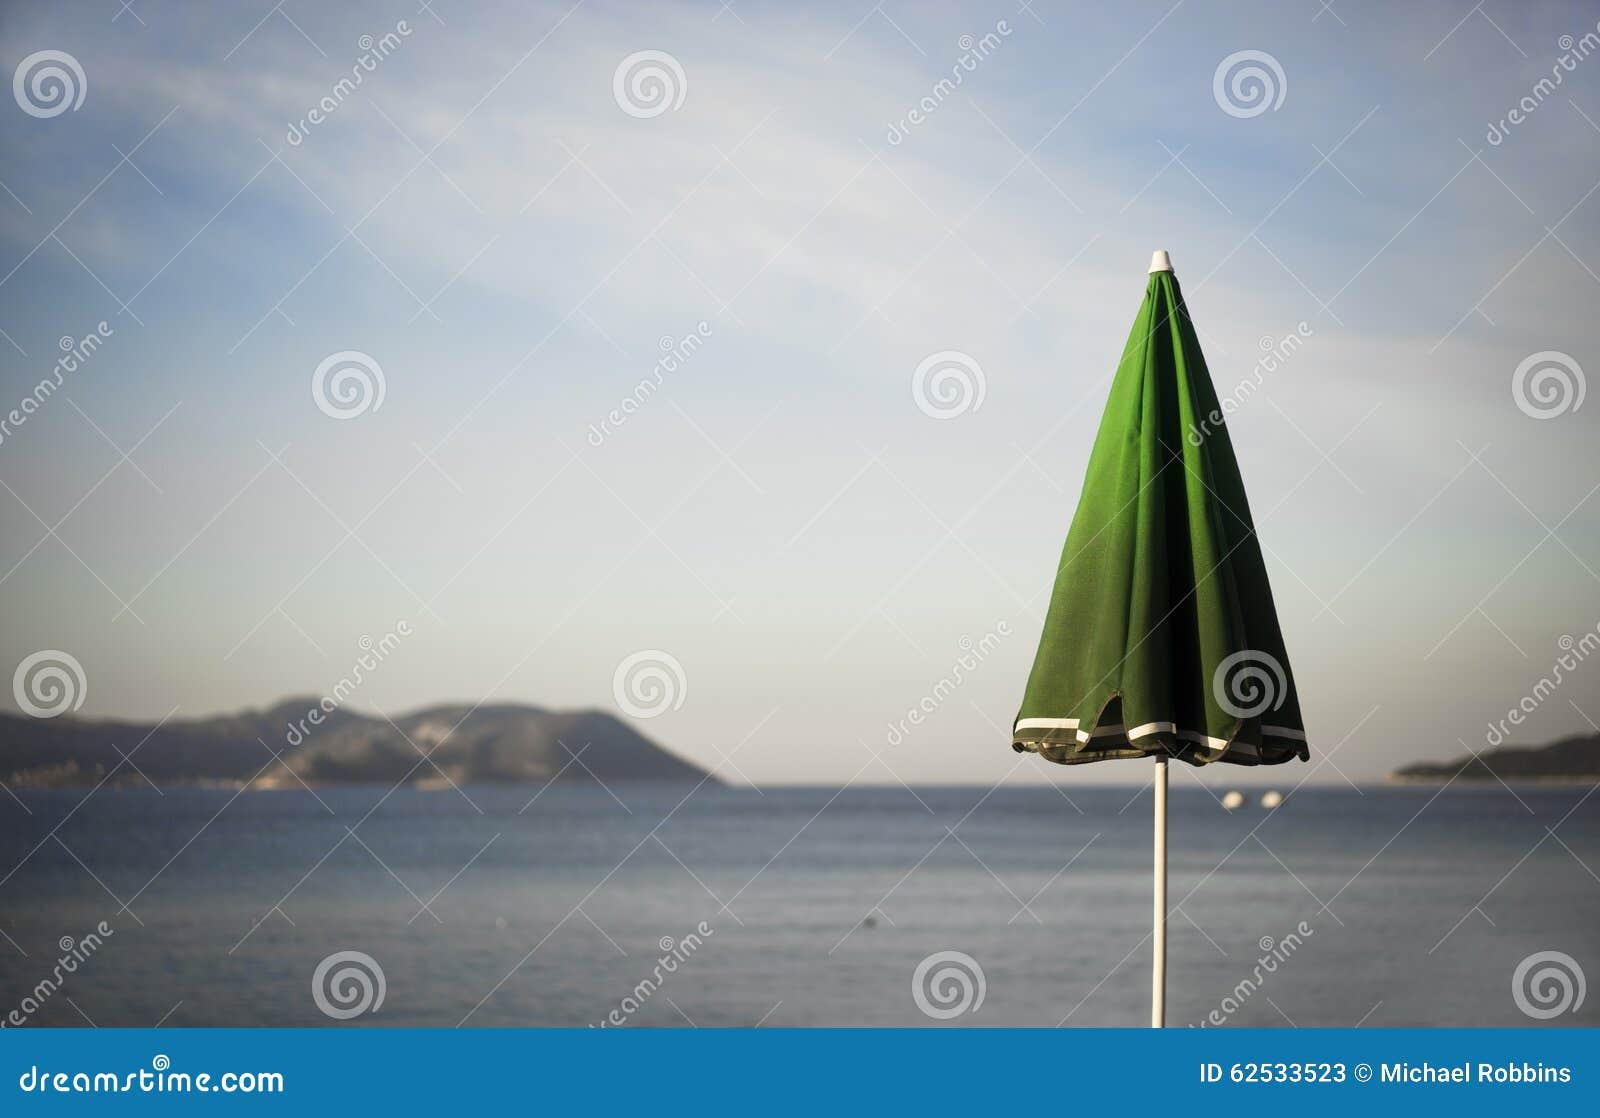 伞和希腊海岛